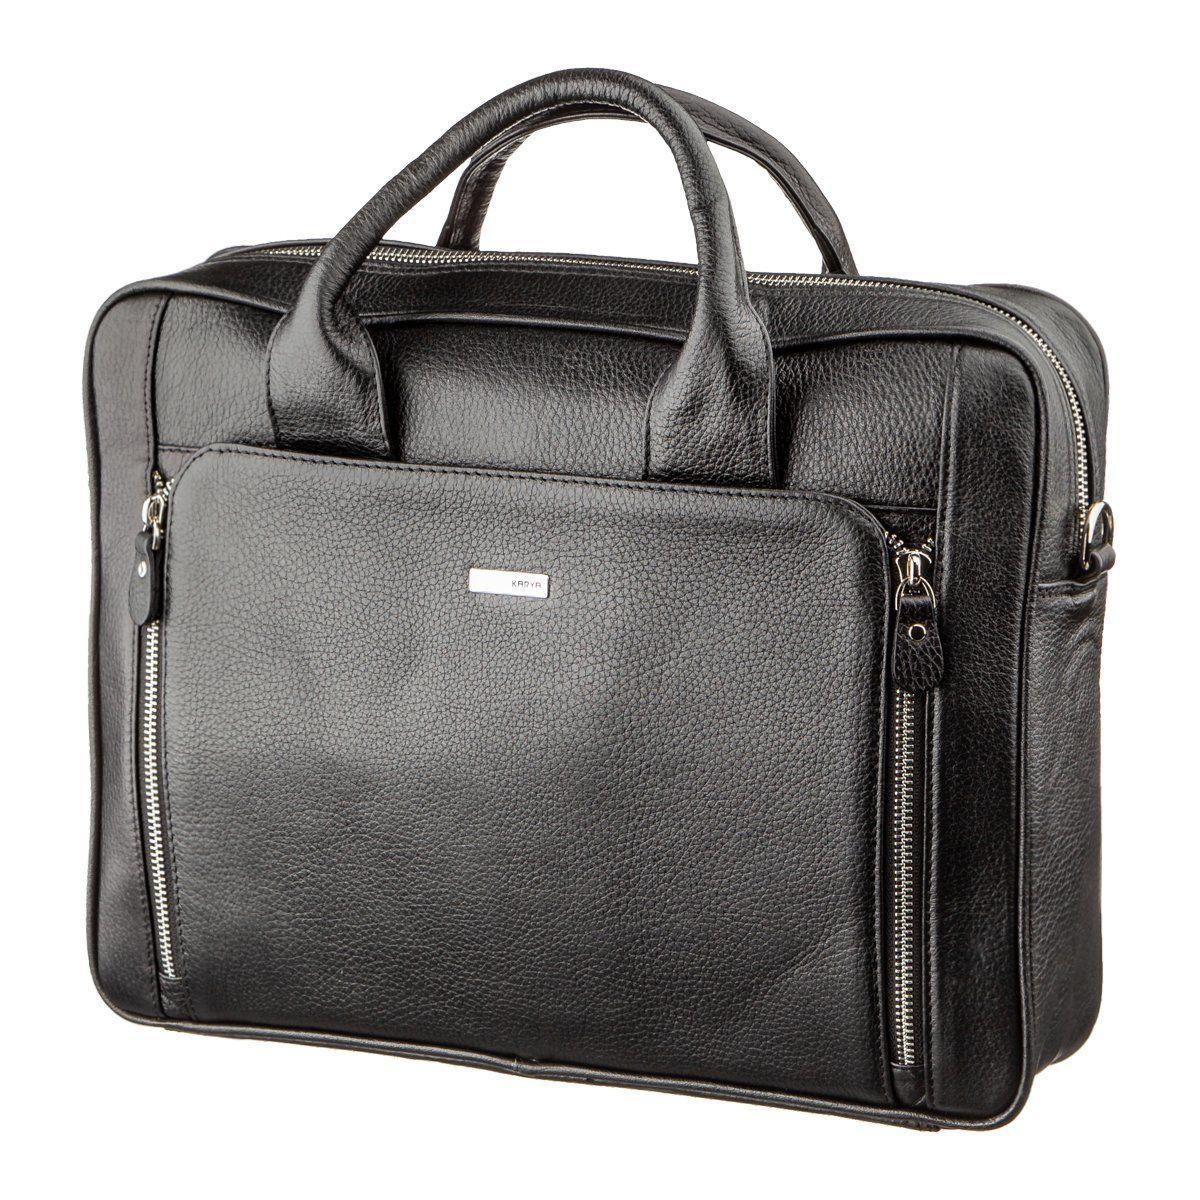 Деловая мужская сумка из кожи KARYA 17284 Черная, Черный